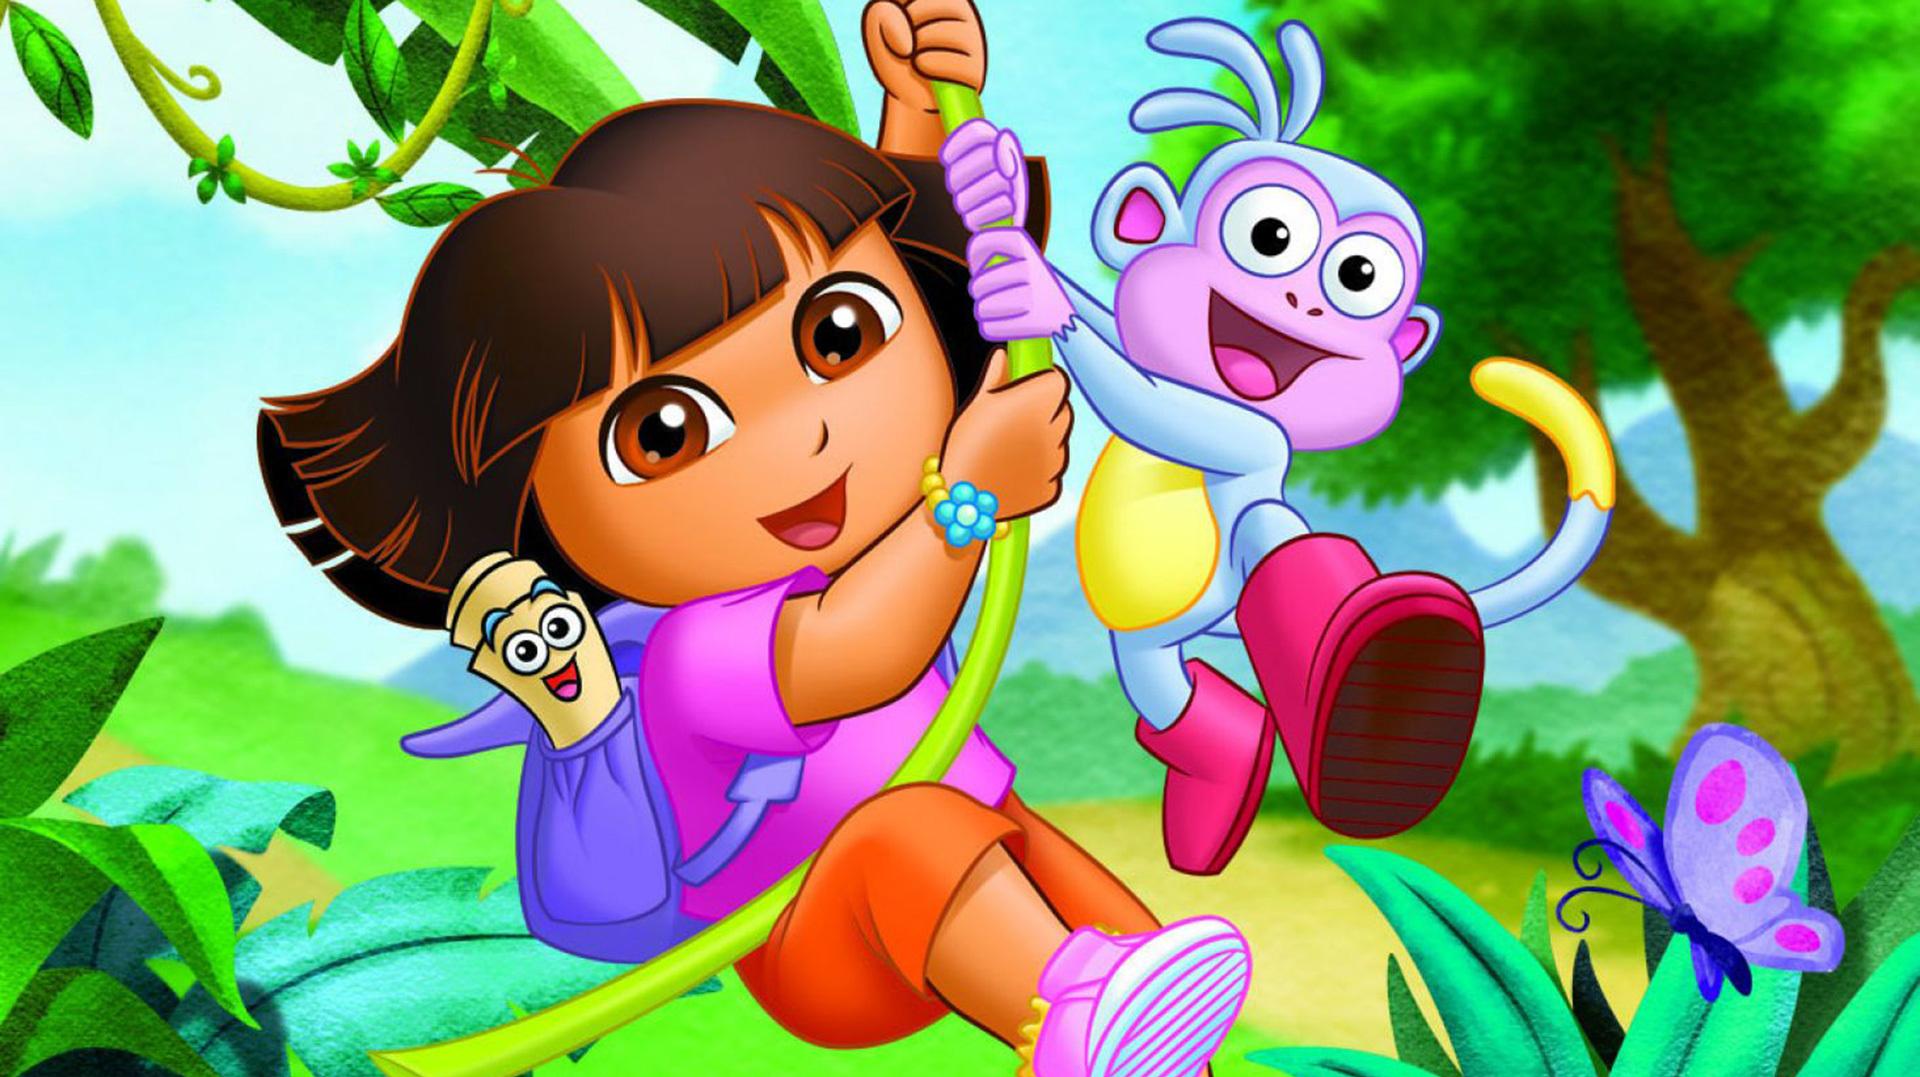 Dora the Explorer Filmi 2019 Yılında Çıkacak